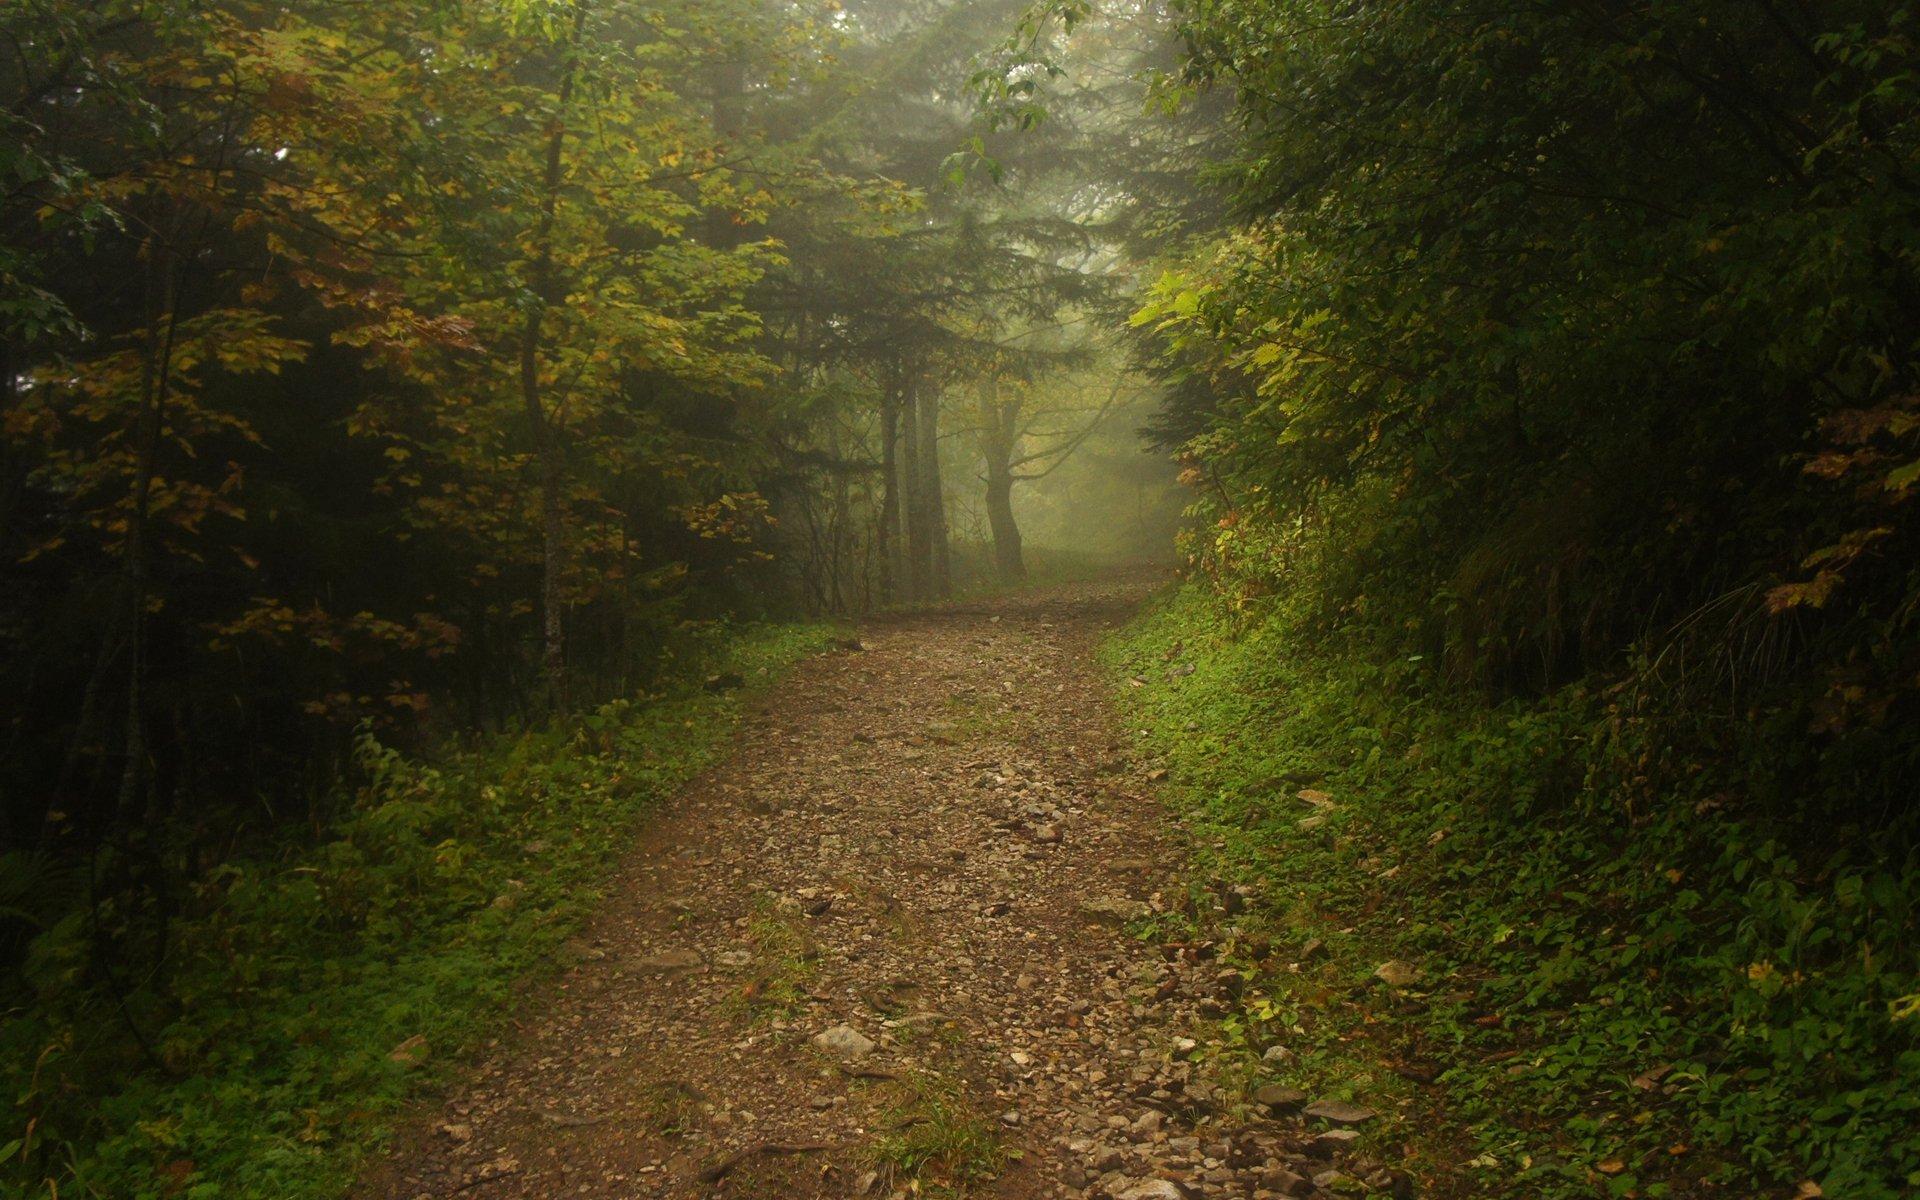 Заброшенная дорога в лесу  № 1103916 без смс